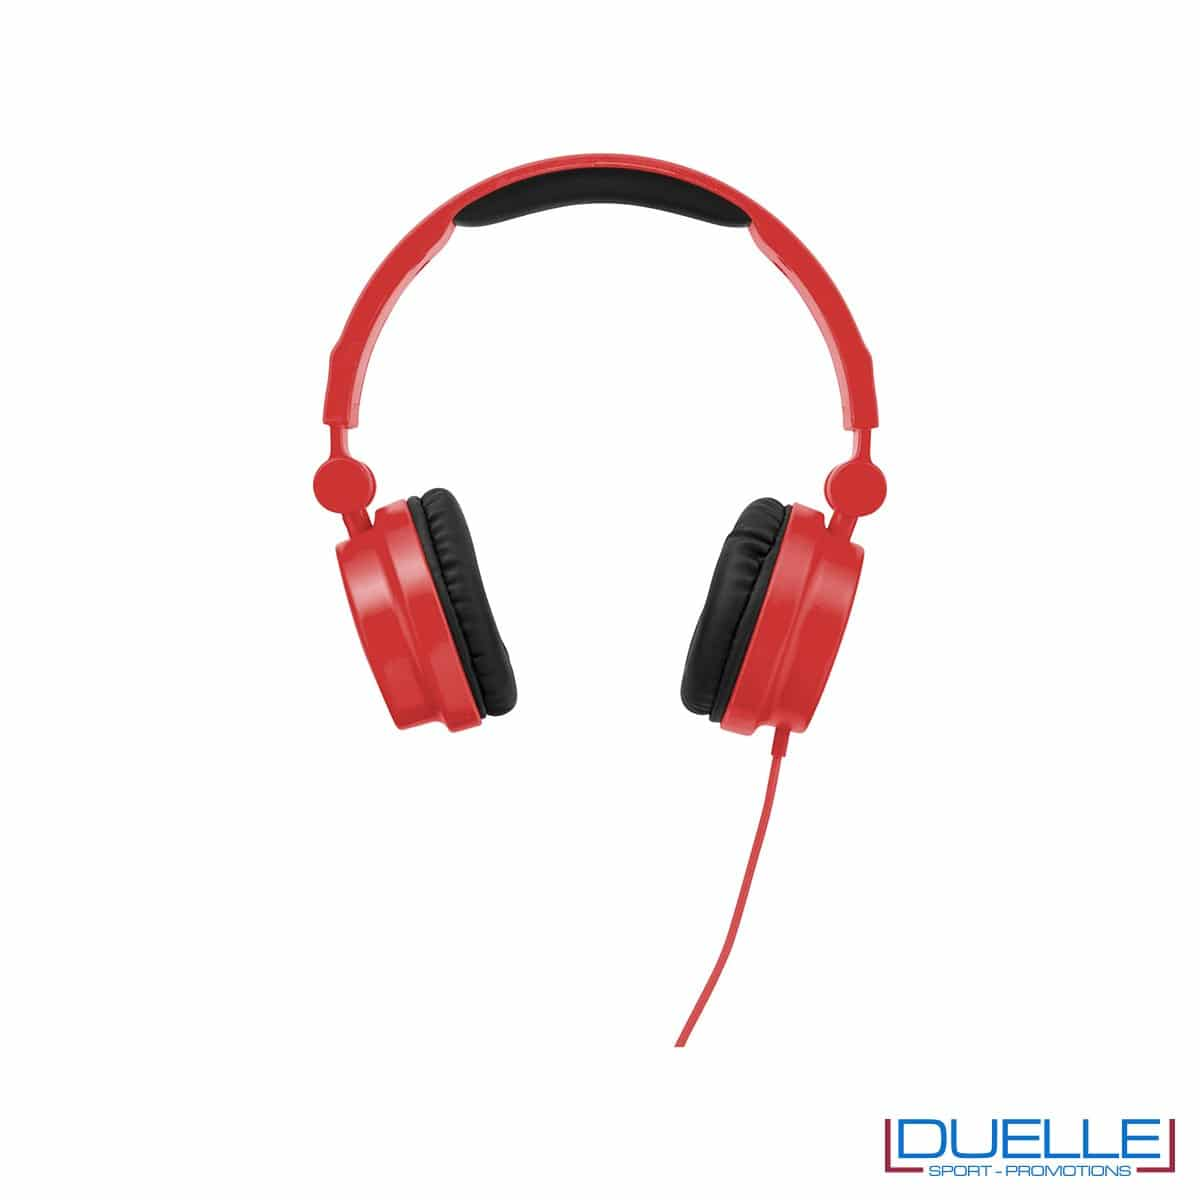 cuffie pieghevoli personalizzate promozionali in colore rosso personalizzate